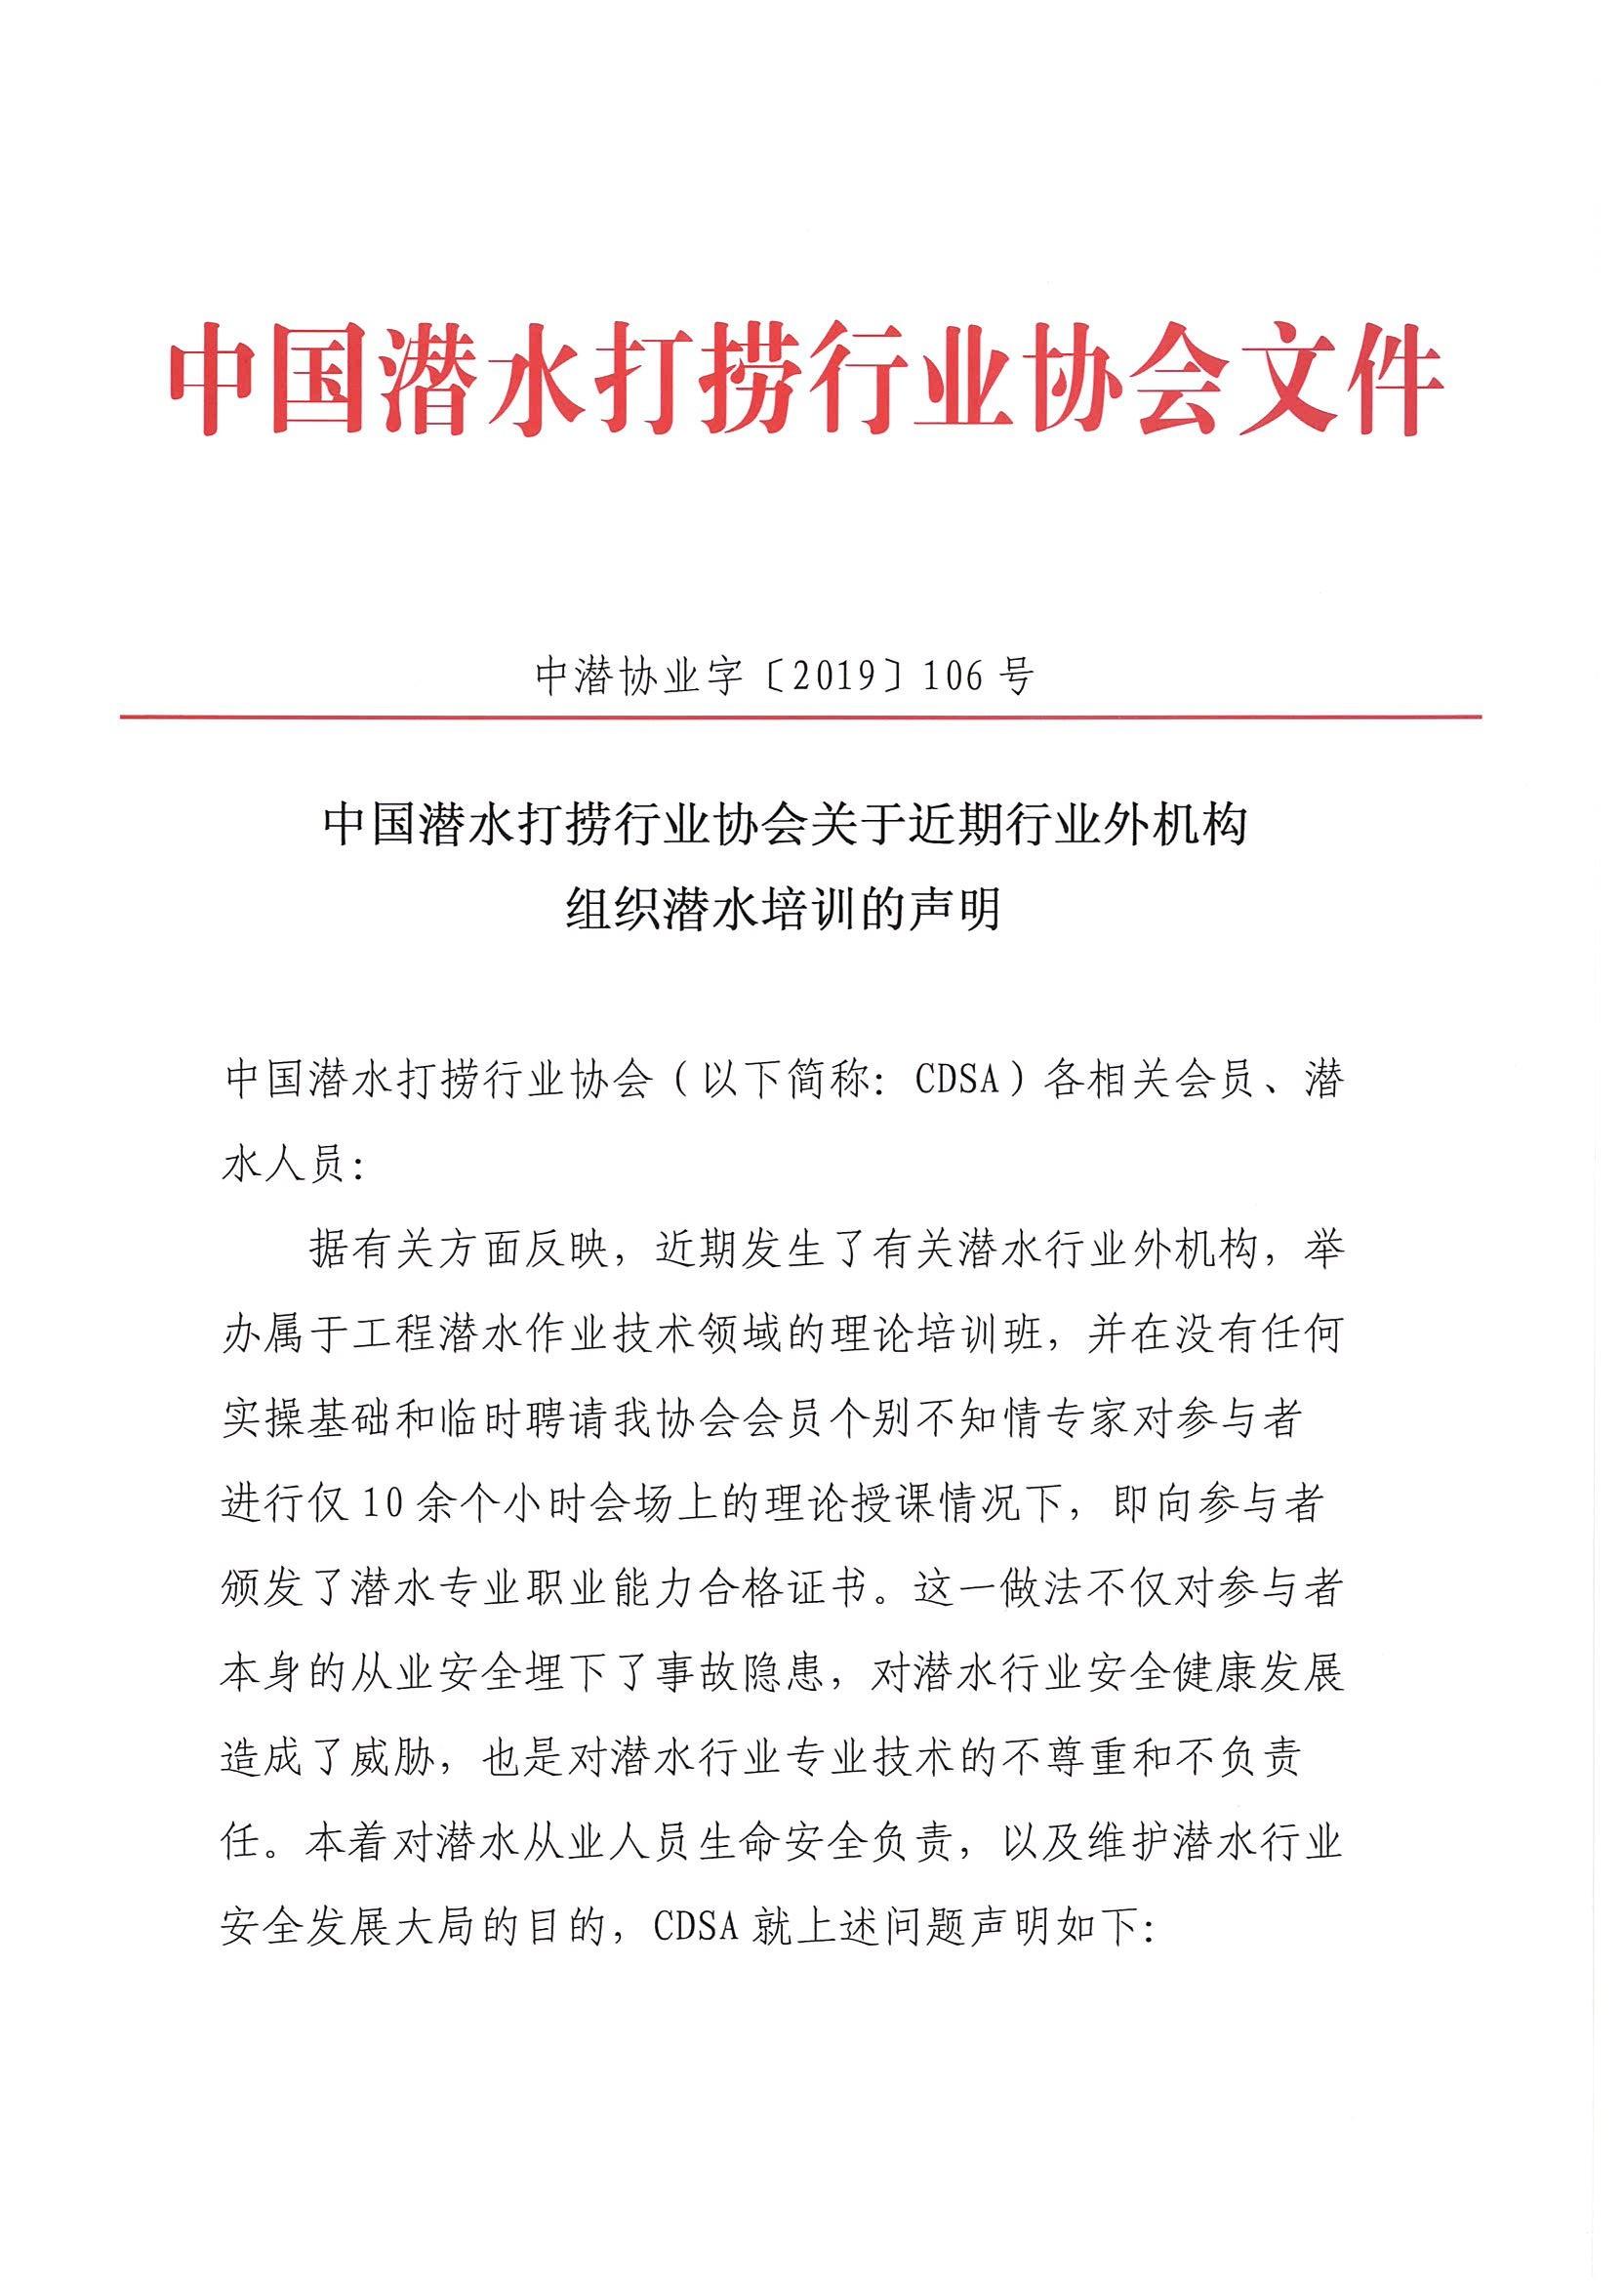 中国潜水打捞行业协会-关于近期行...